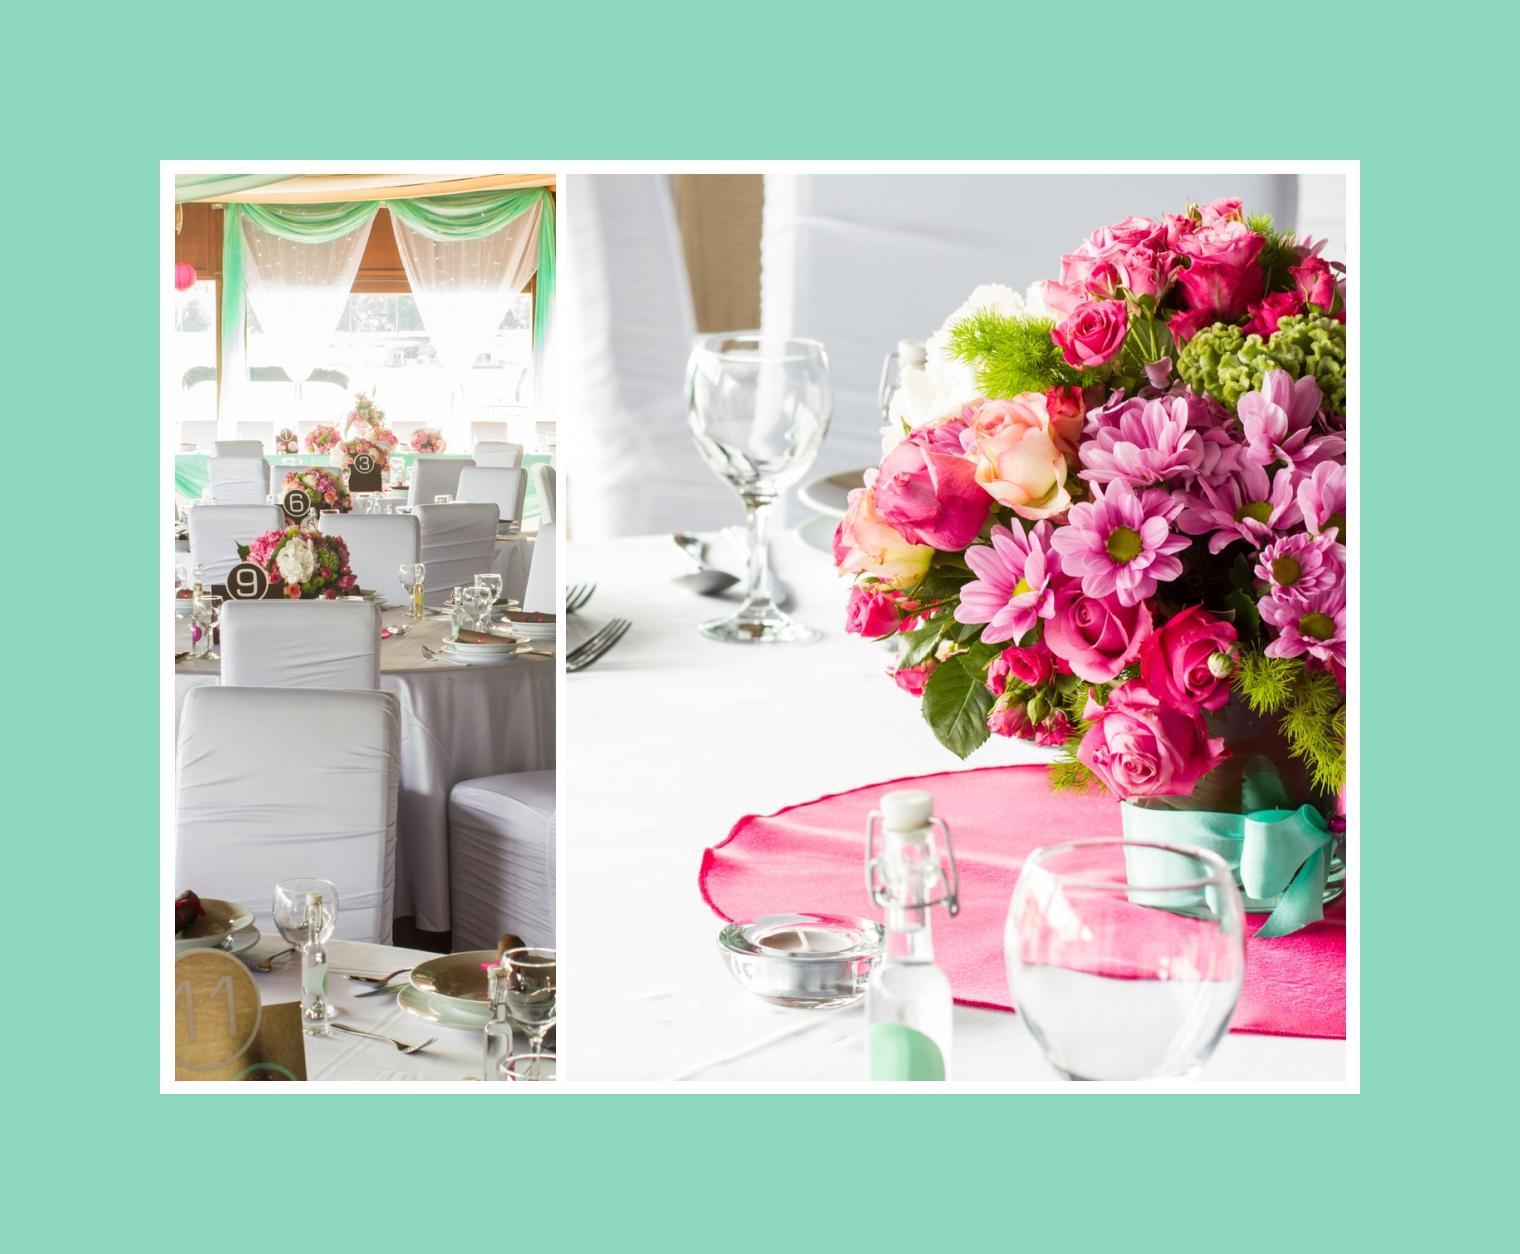 Schicke rosa Blumengestecke